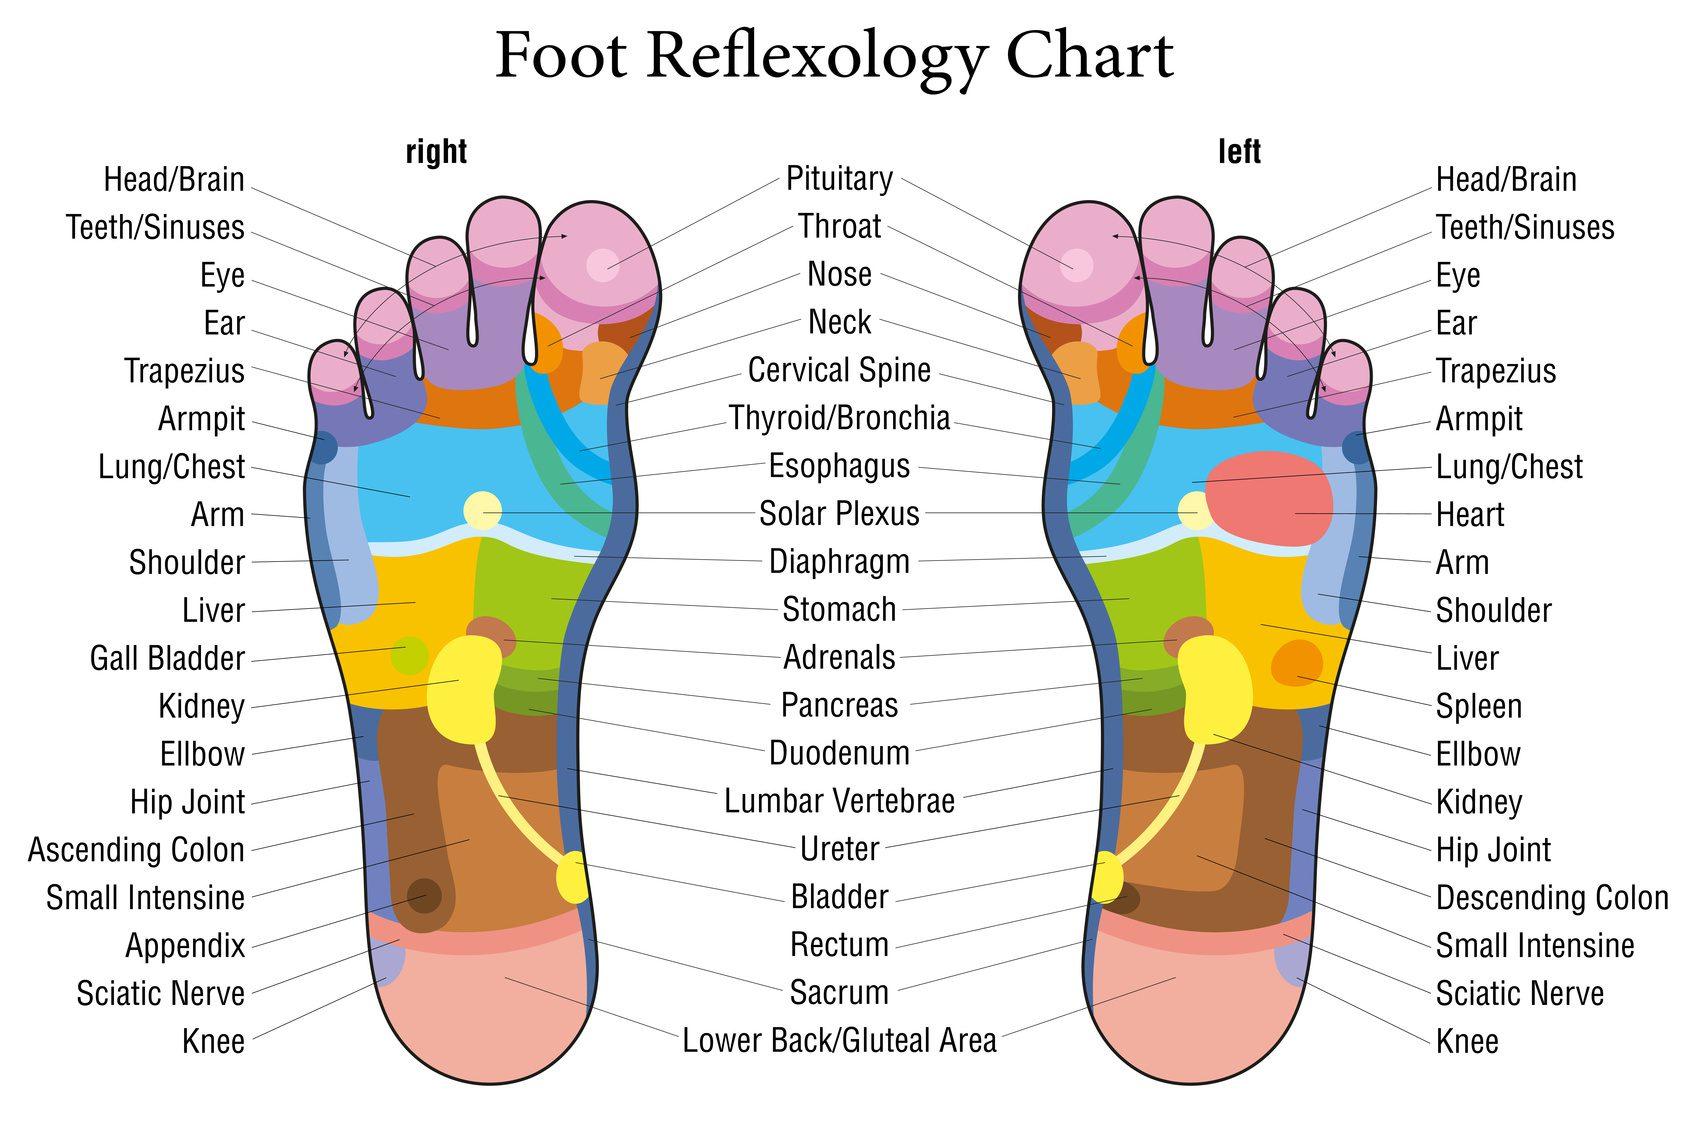 foot reflexology massage mat chart trigger points reflex zones